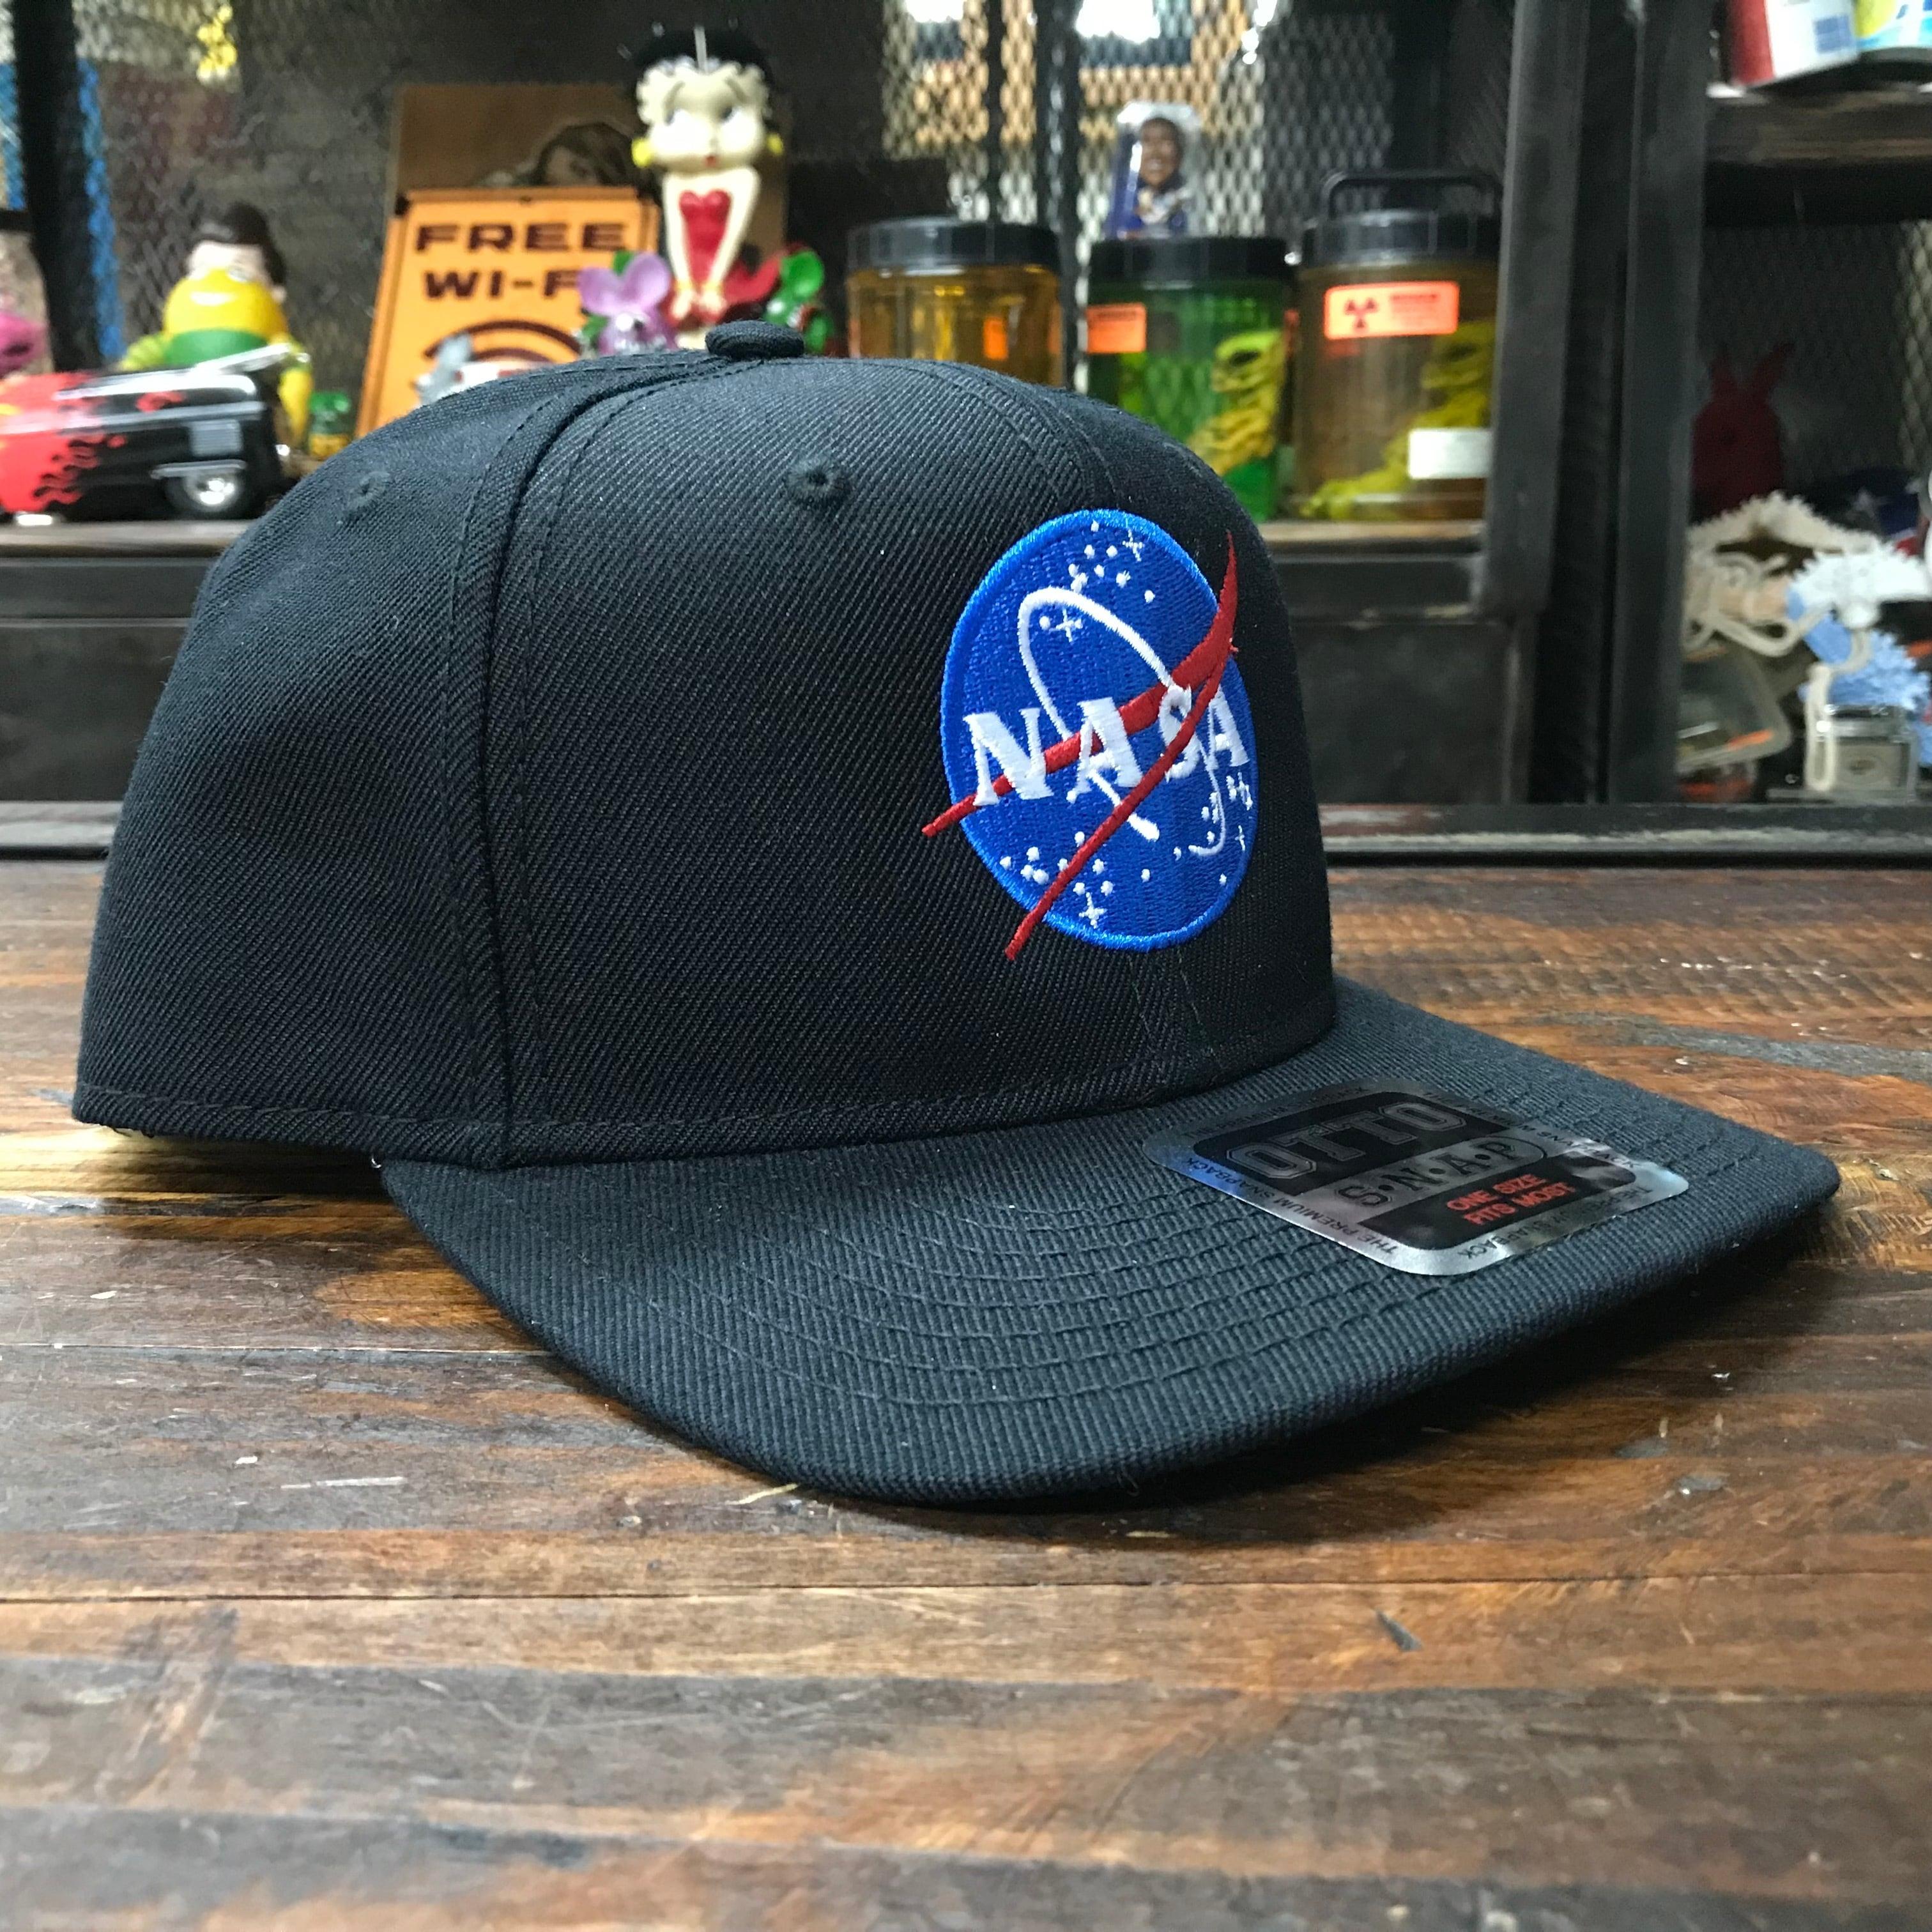 NASA OTTO(オットー)スナップバックキャップ・ウールブレンド・インサイニア(ミートボール)